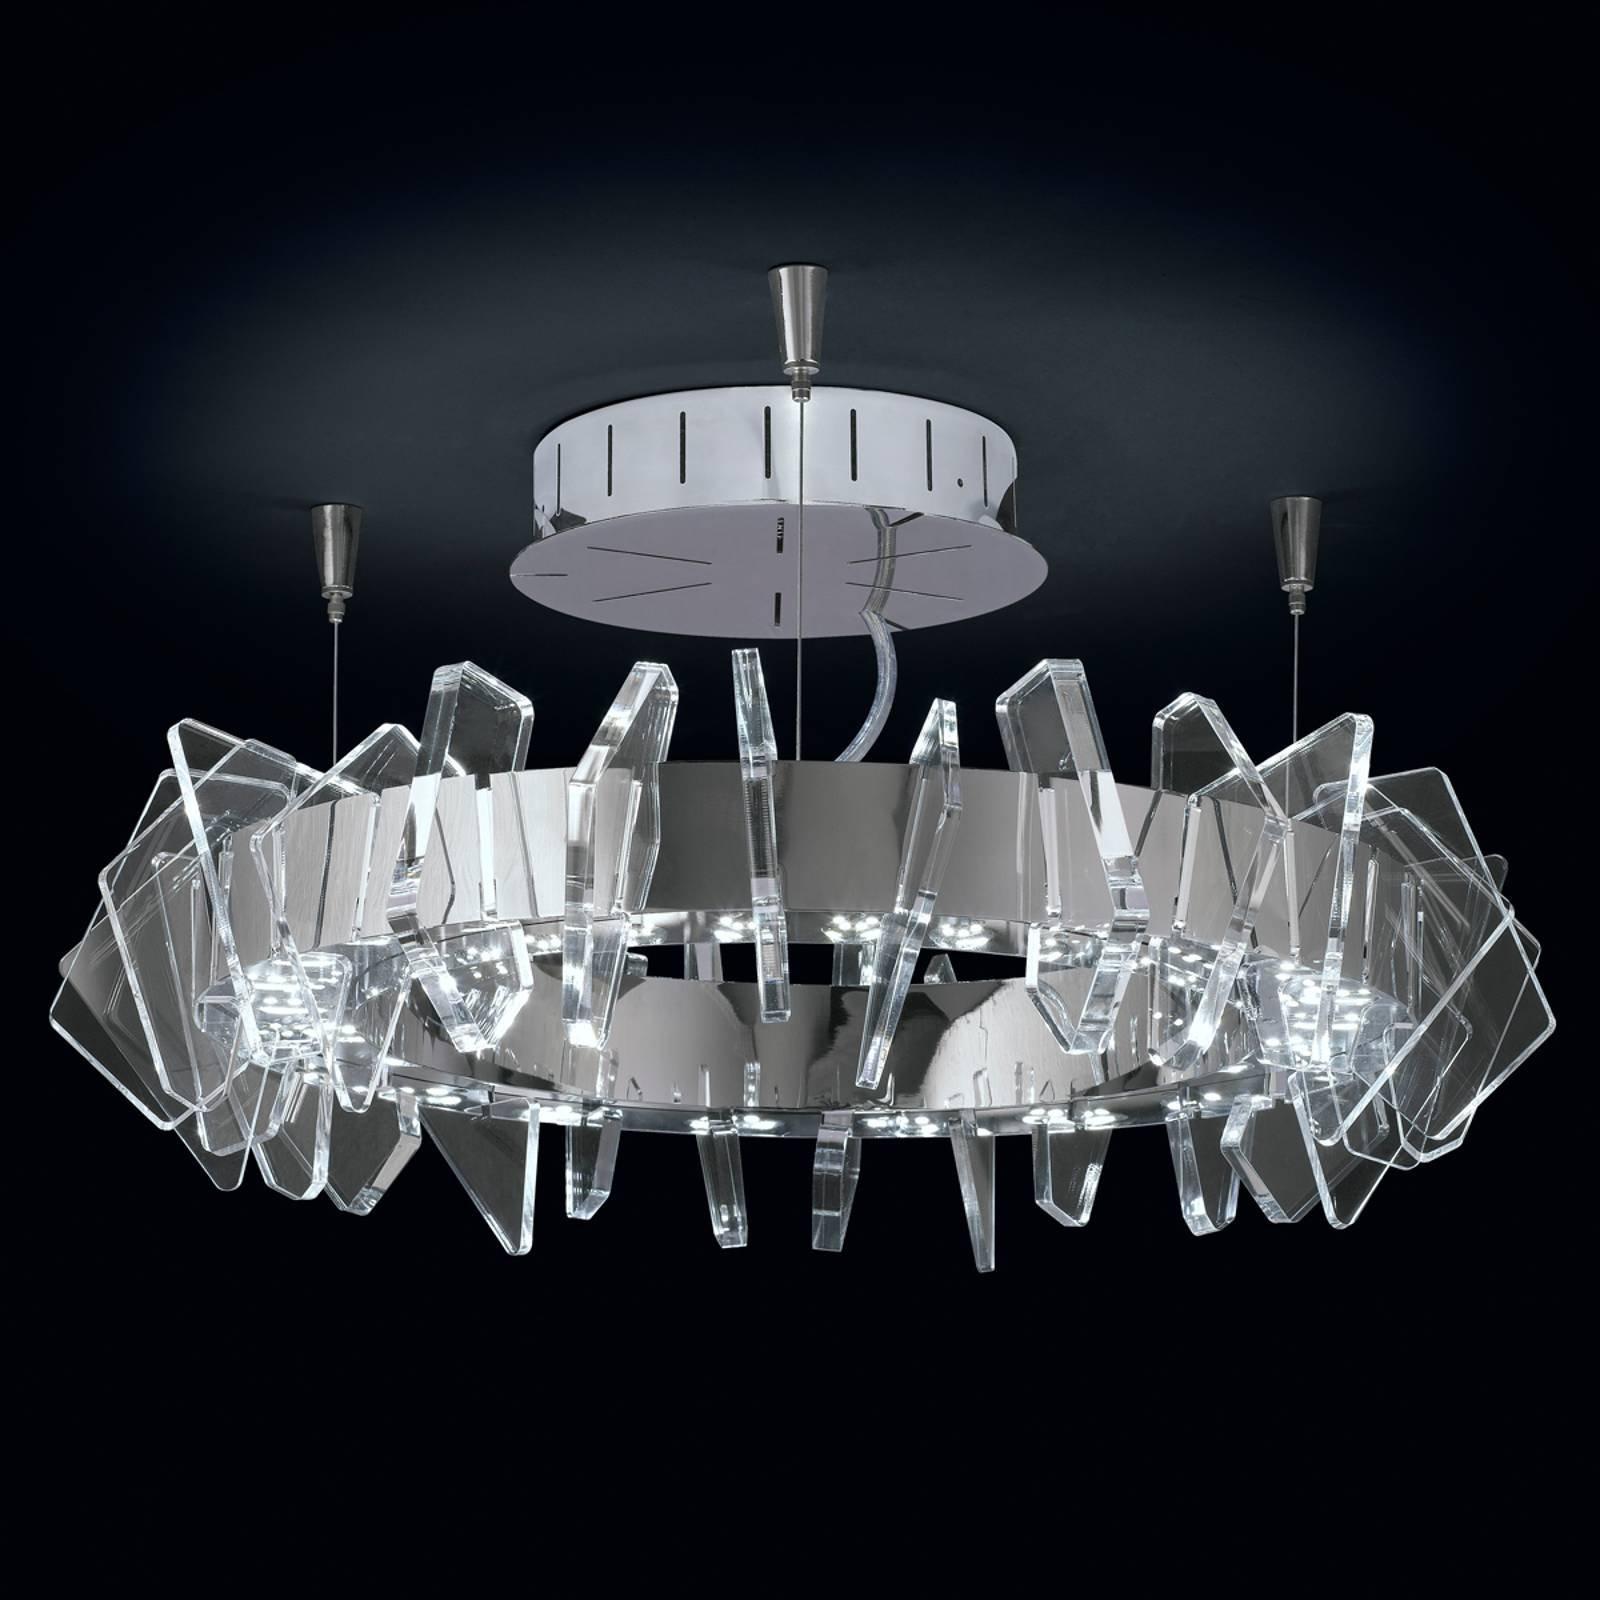 EOS ringformet LED-taklampe med glass